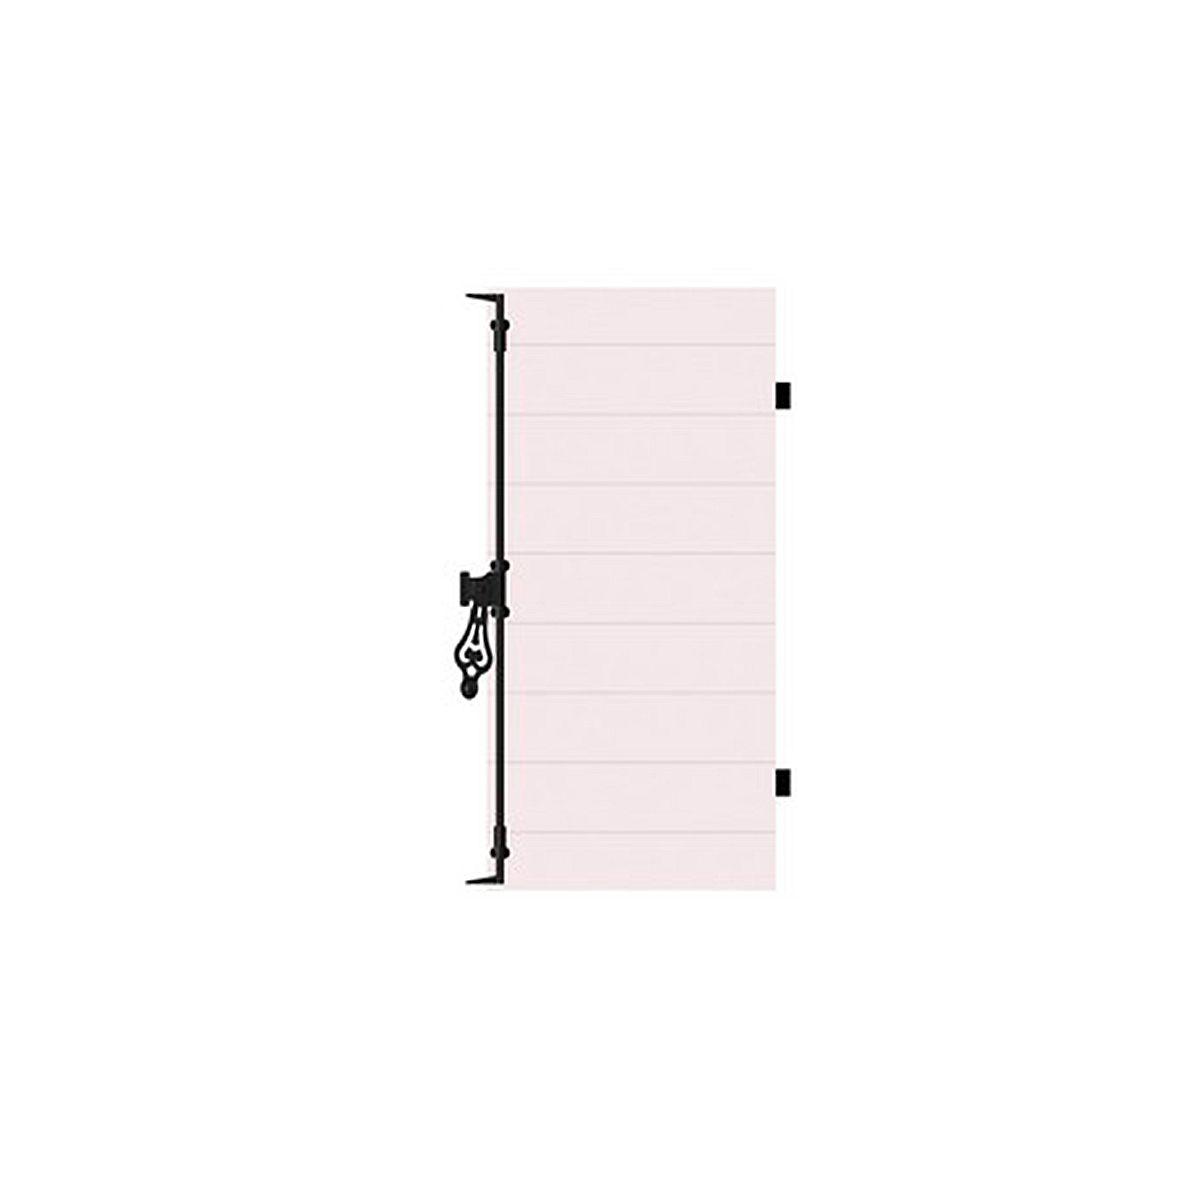 volet provencal prix latest volets with volet provencal prix simple prix volet roulant piscine. Black Bedroom Furniture Sets. Home Design Ideas